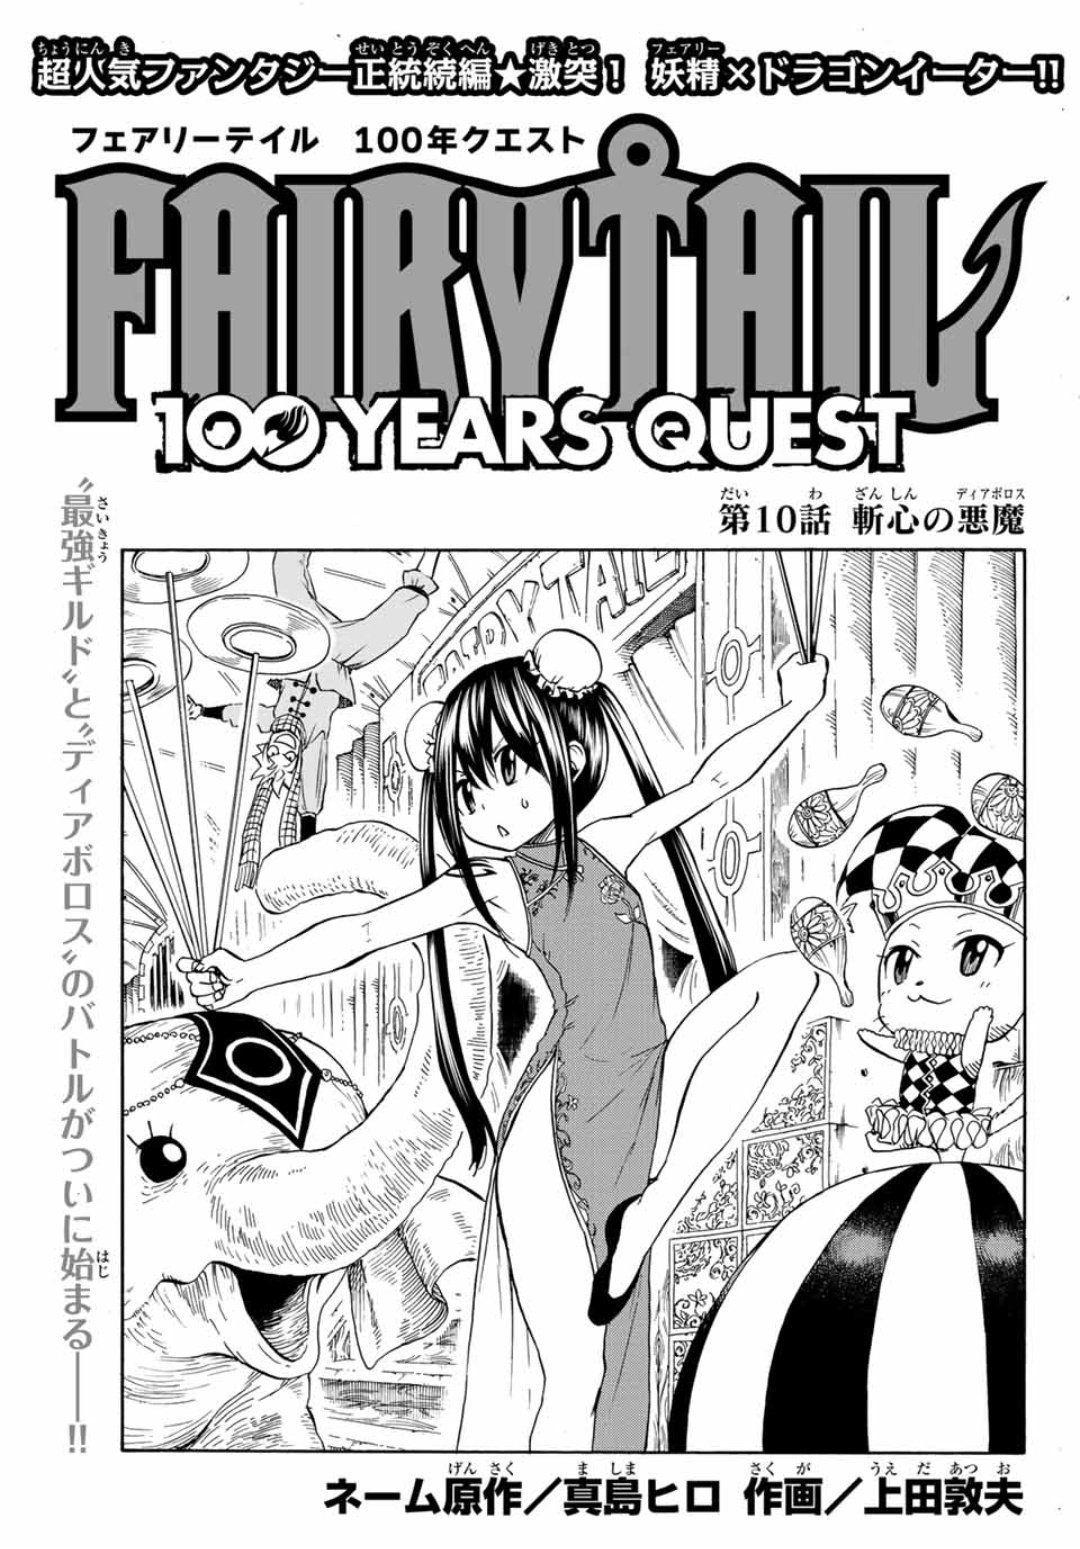 クエスト 年 フェアリー アニメ テイル 100